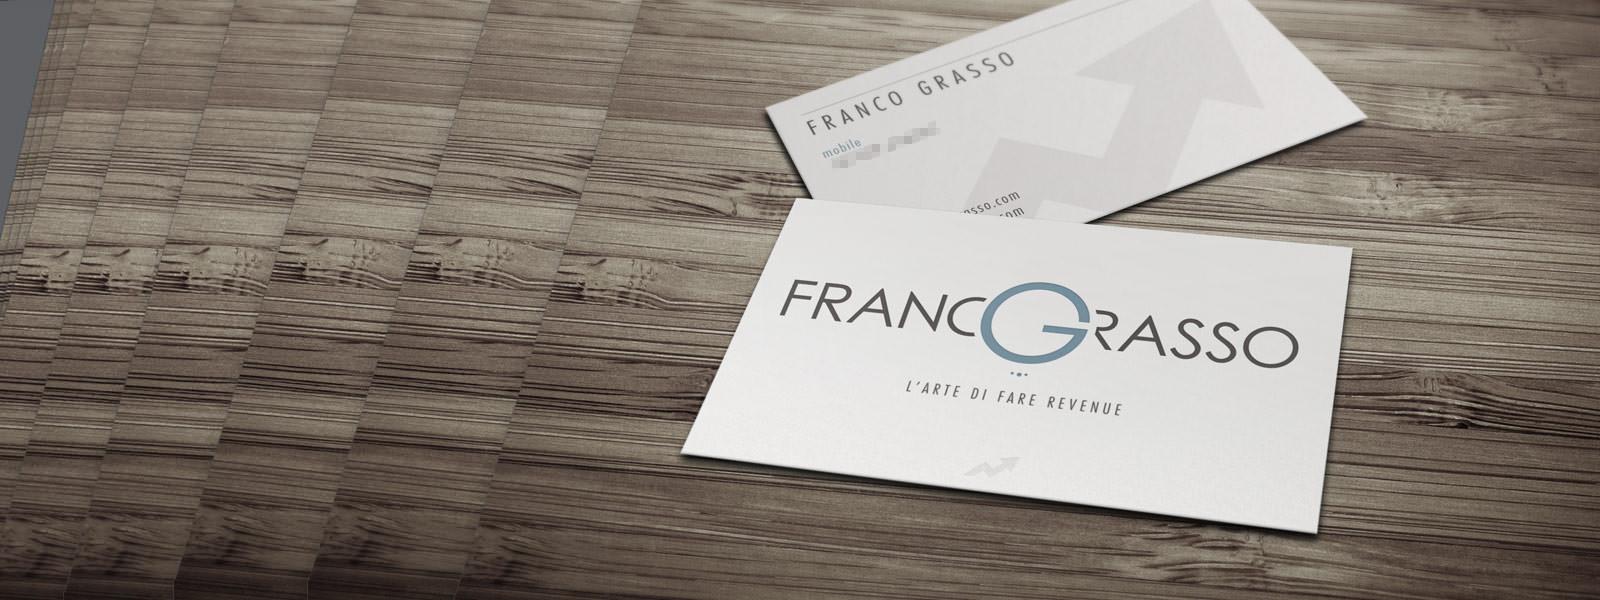 Muse Comunicazione: Franco Grasso Brand Design